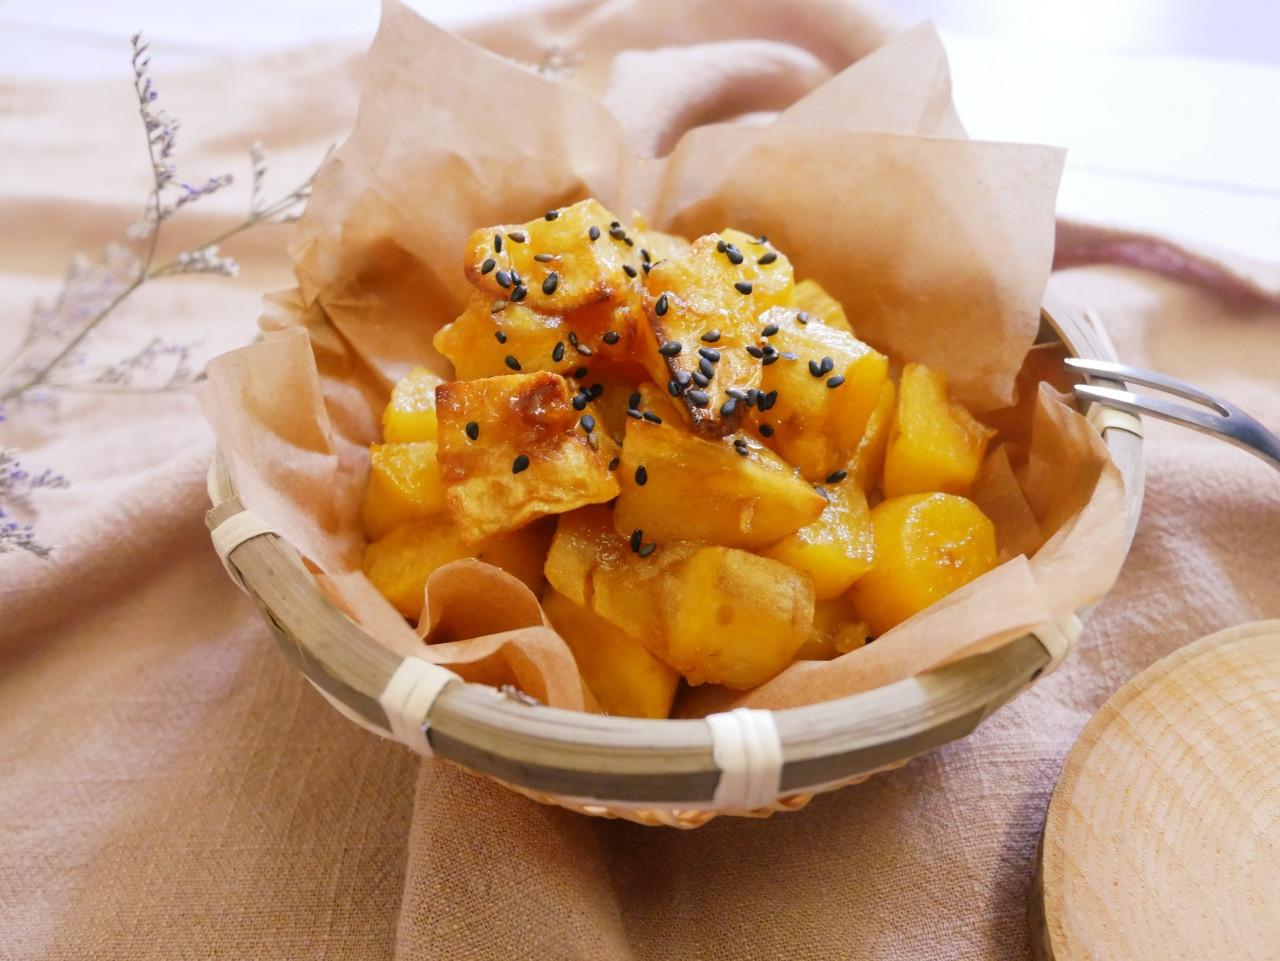 氣炸鍋「拔絲地瓜」簡單又好吃。